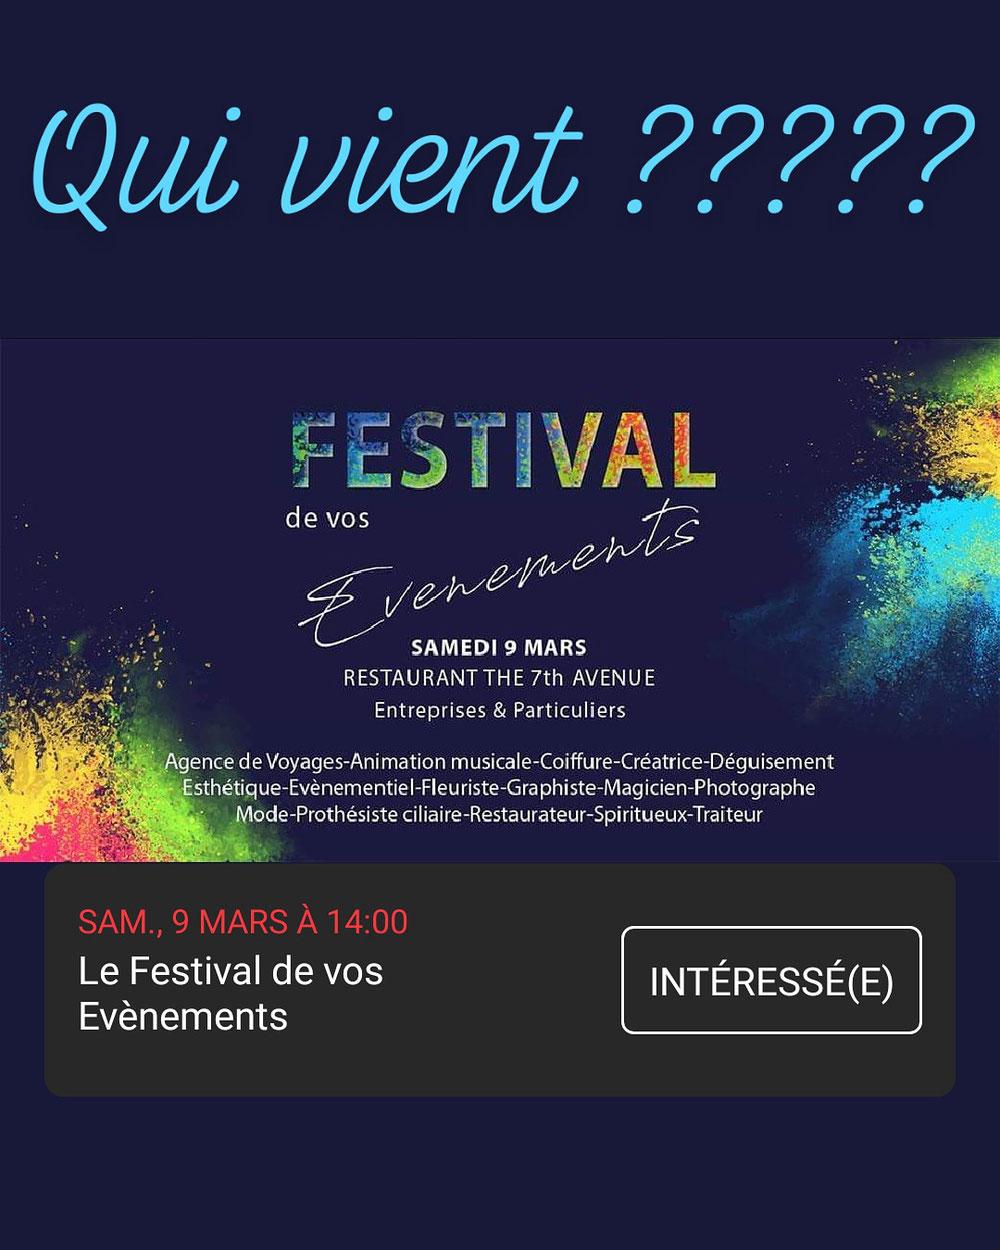 Le festival de vos événements